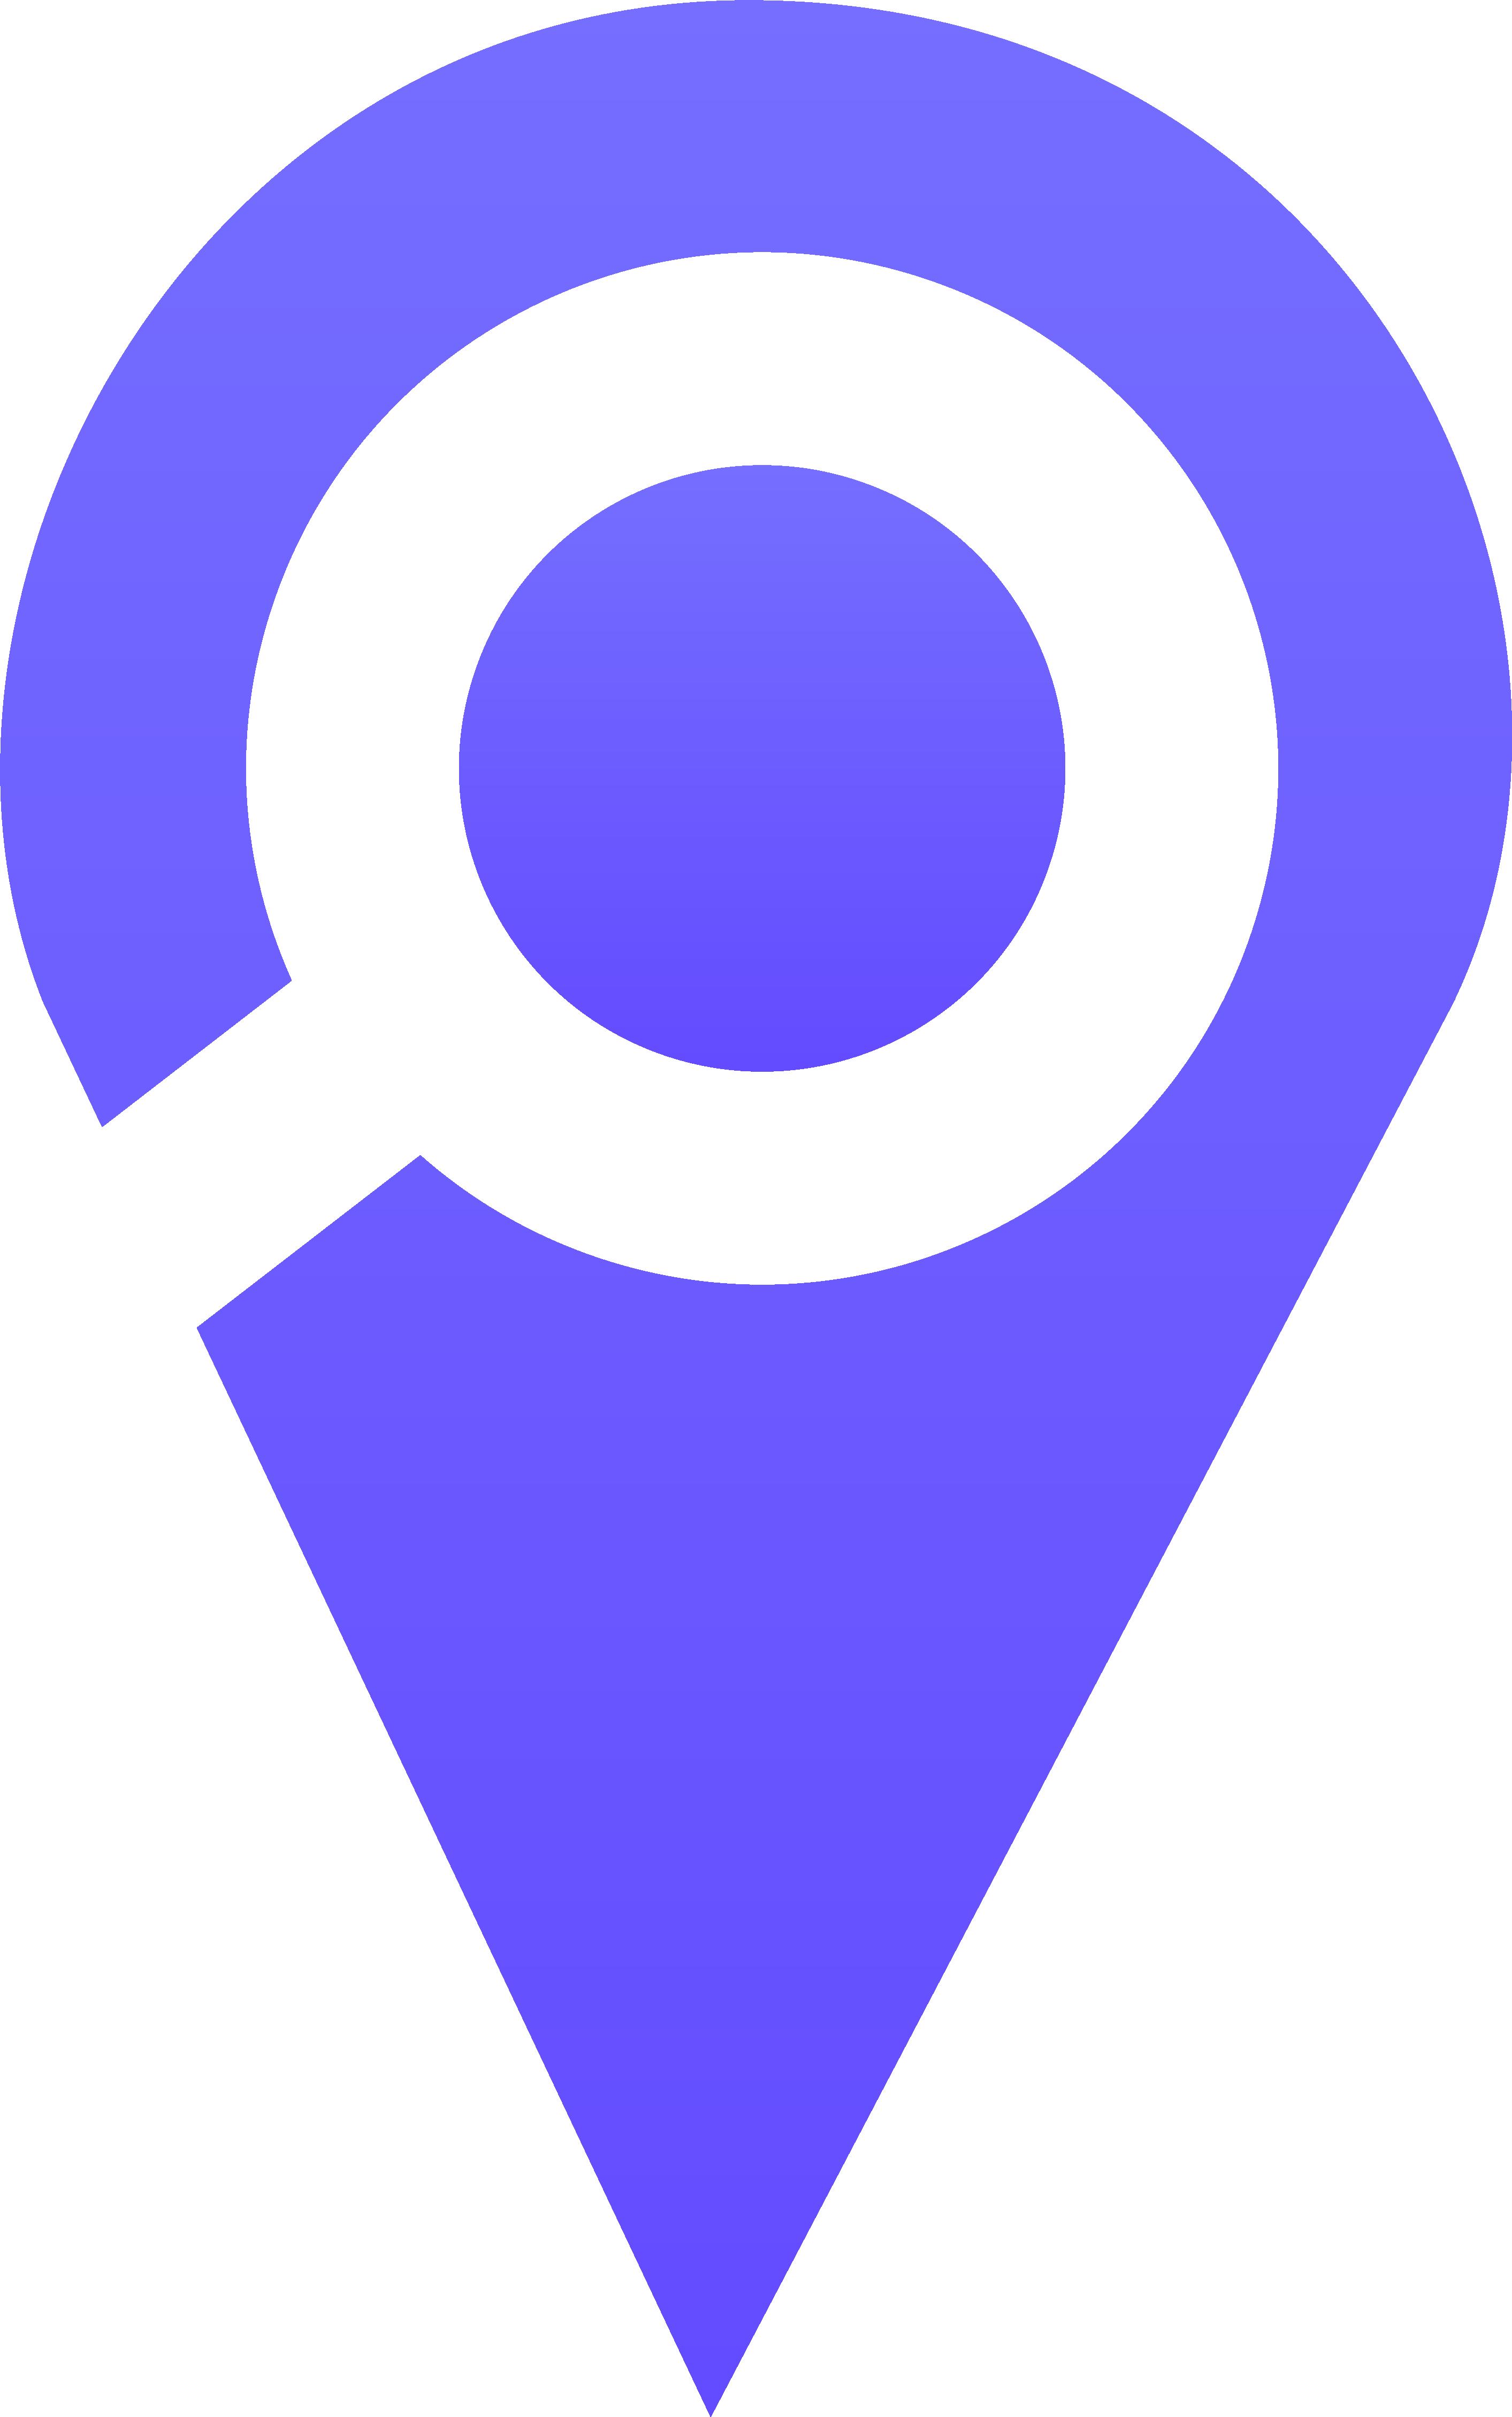 lawfirms symbol